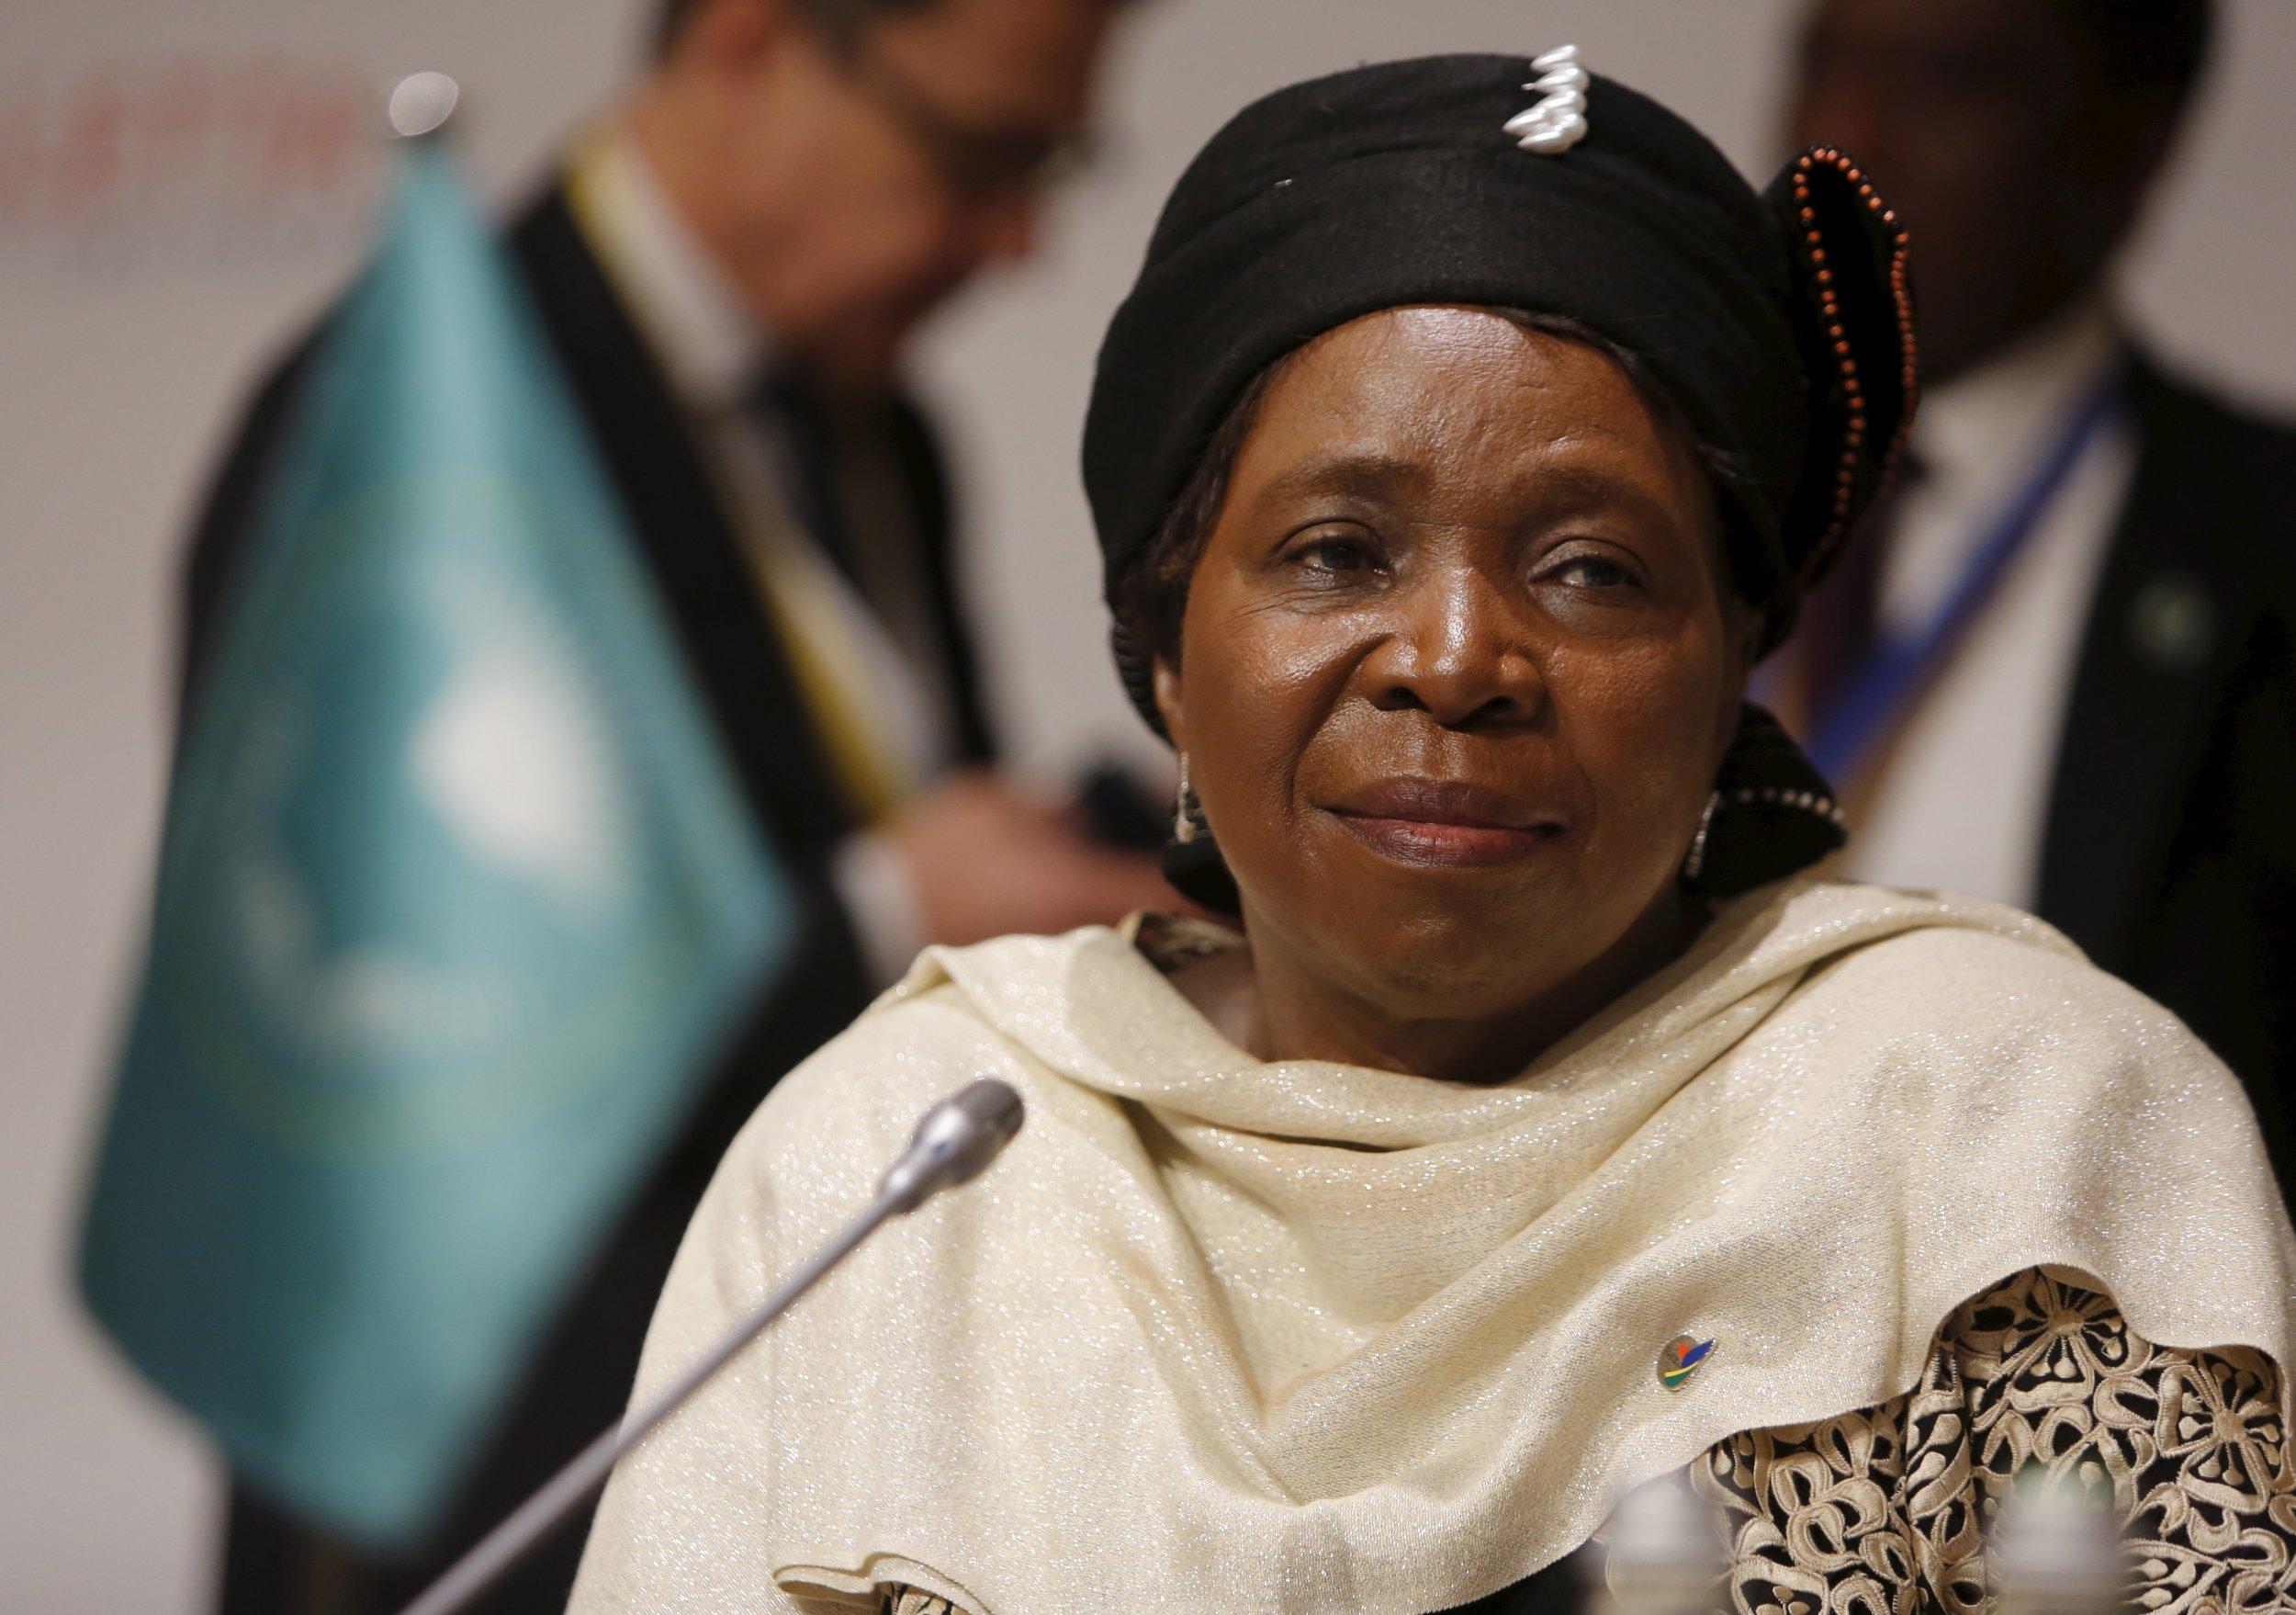 African Union chairperson Nkosazana Dlamini-Zuma attends the Valletta Summit in Malta.